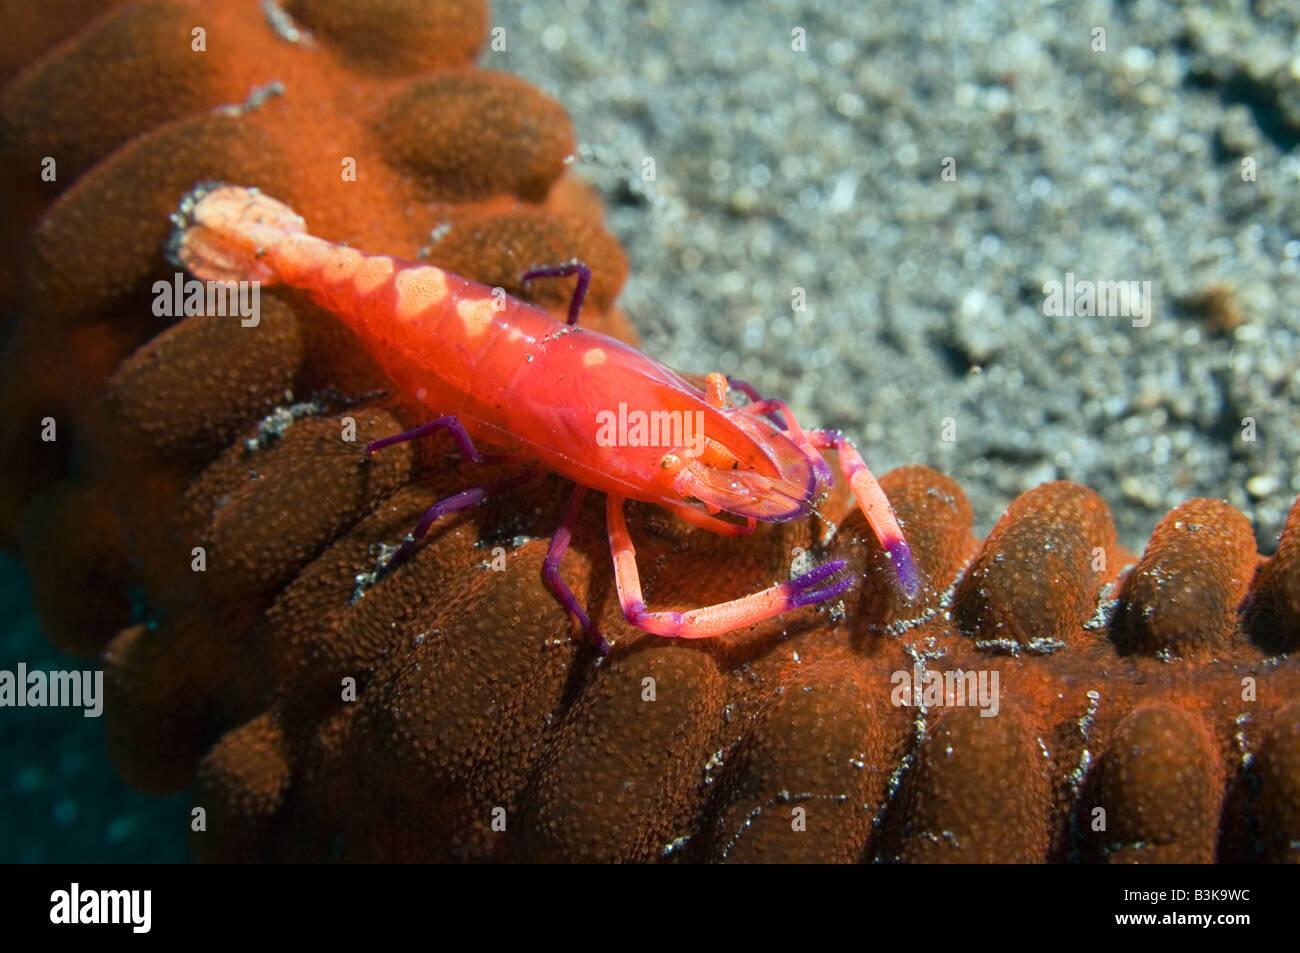 Emperor shrimp Periclemenes imperator on synaptid seacucumber Lembeh Strait North Sulawesi Indonesia - Stock Image